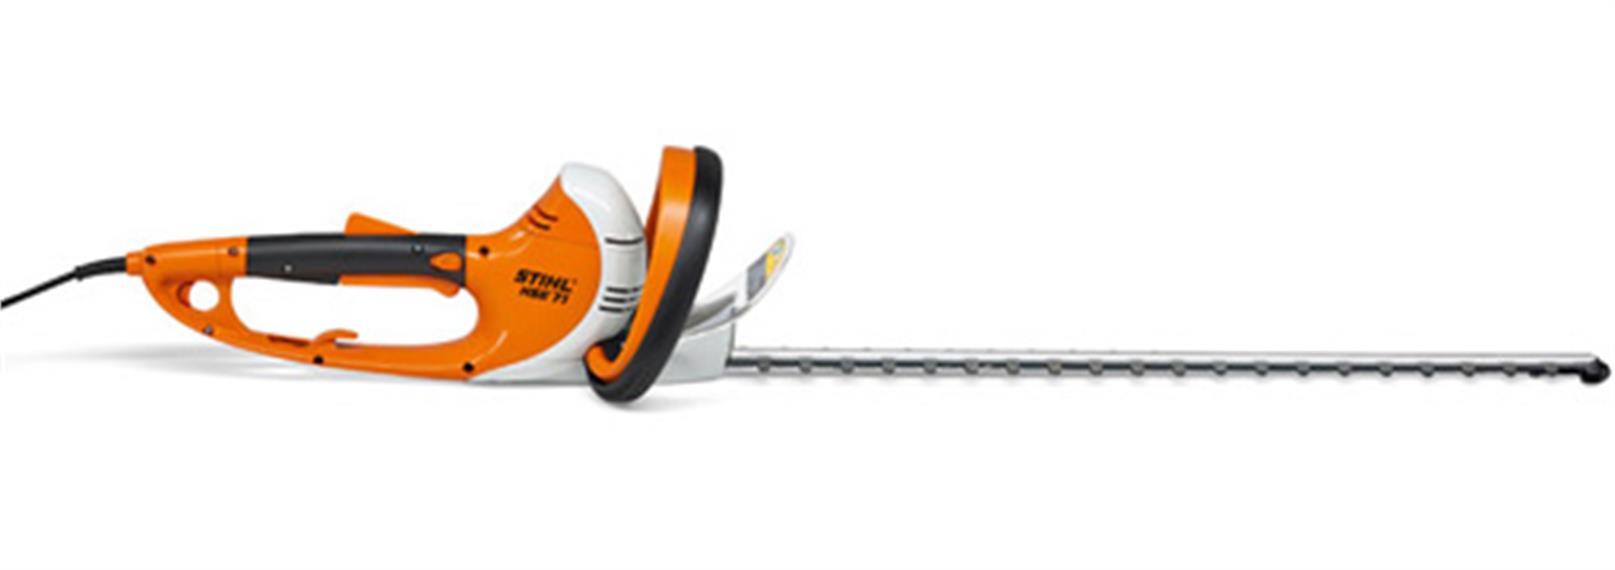 Stihl Elektro Heckenschere HSE 71 Schnittlänge 60 cm